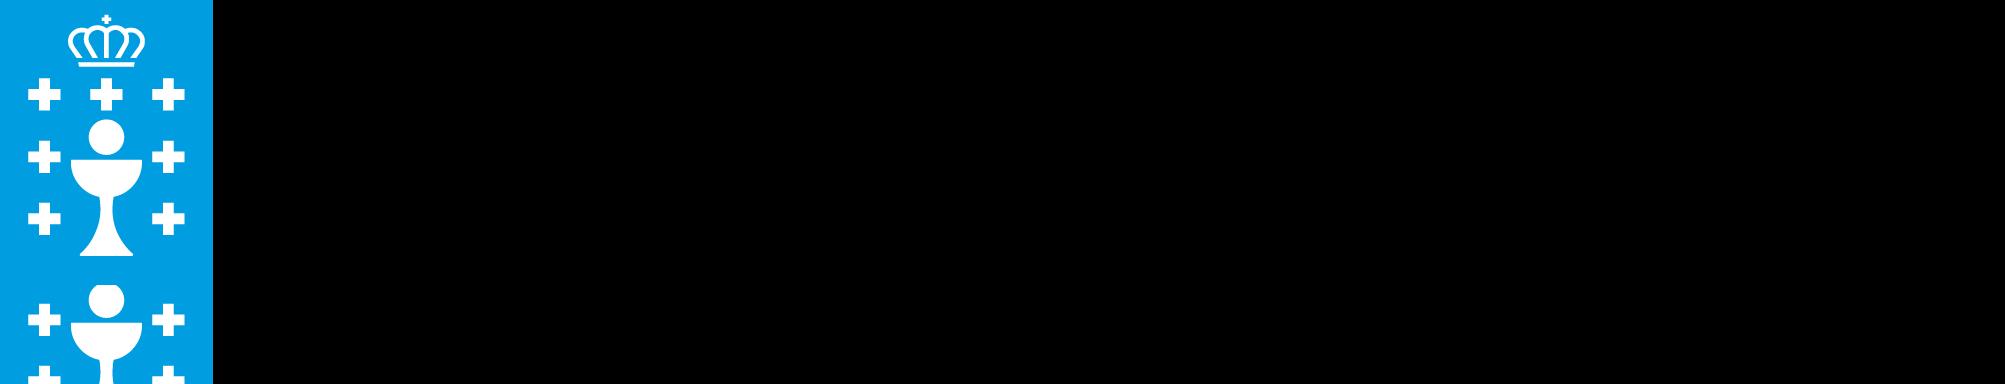 logo_sxigualdade_color_8